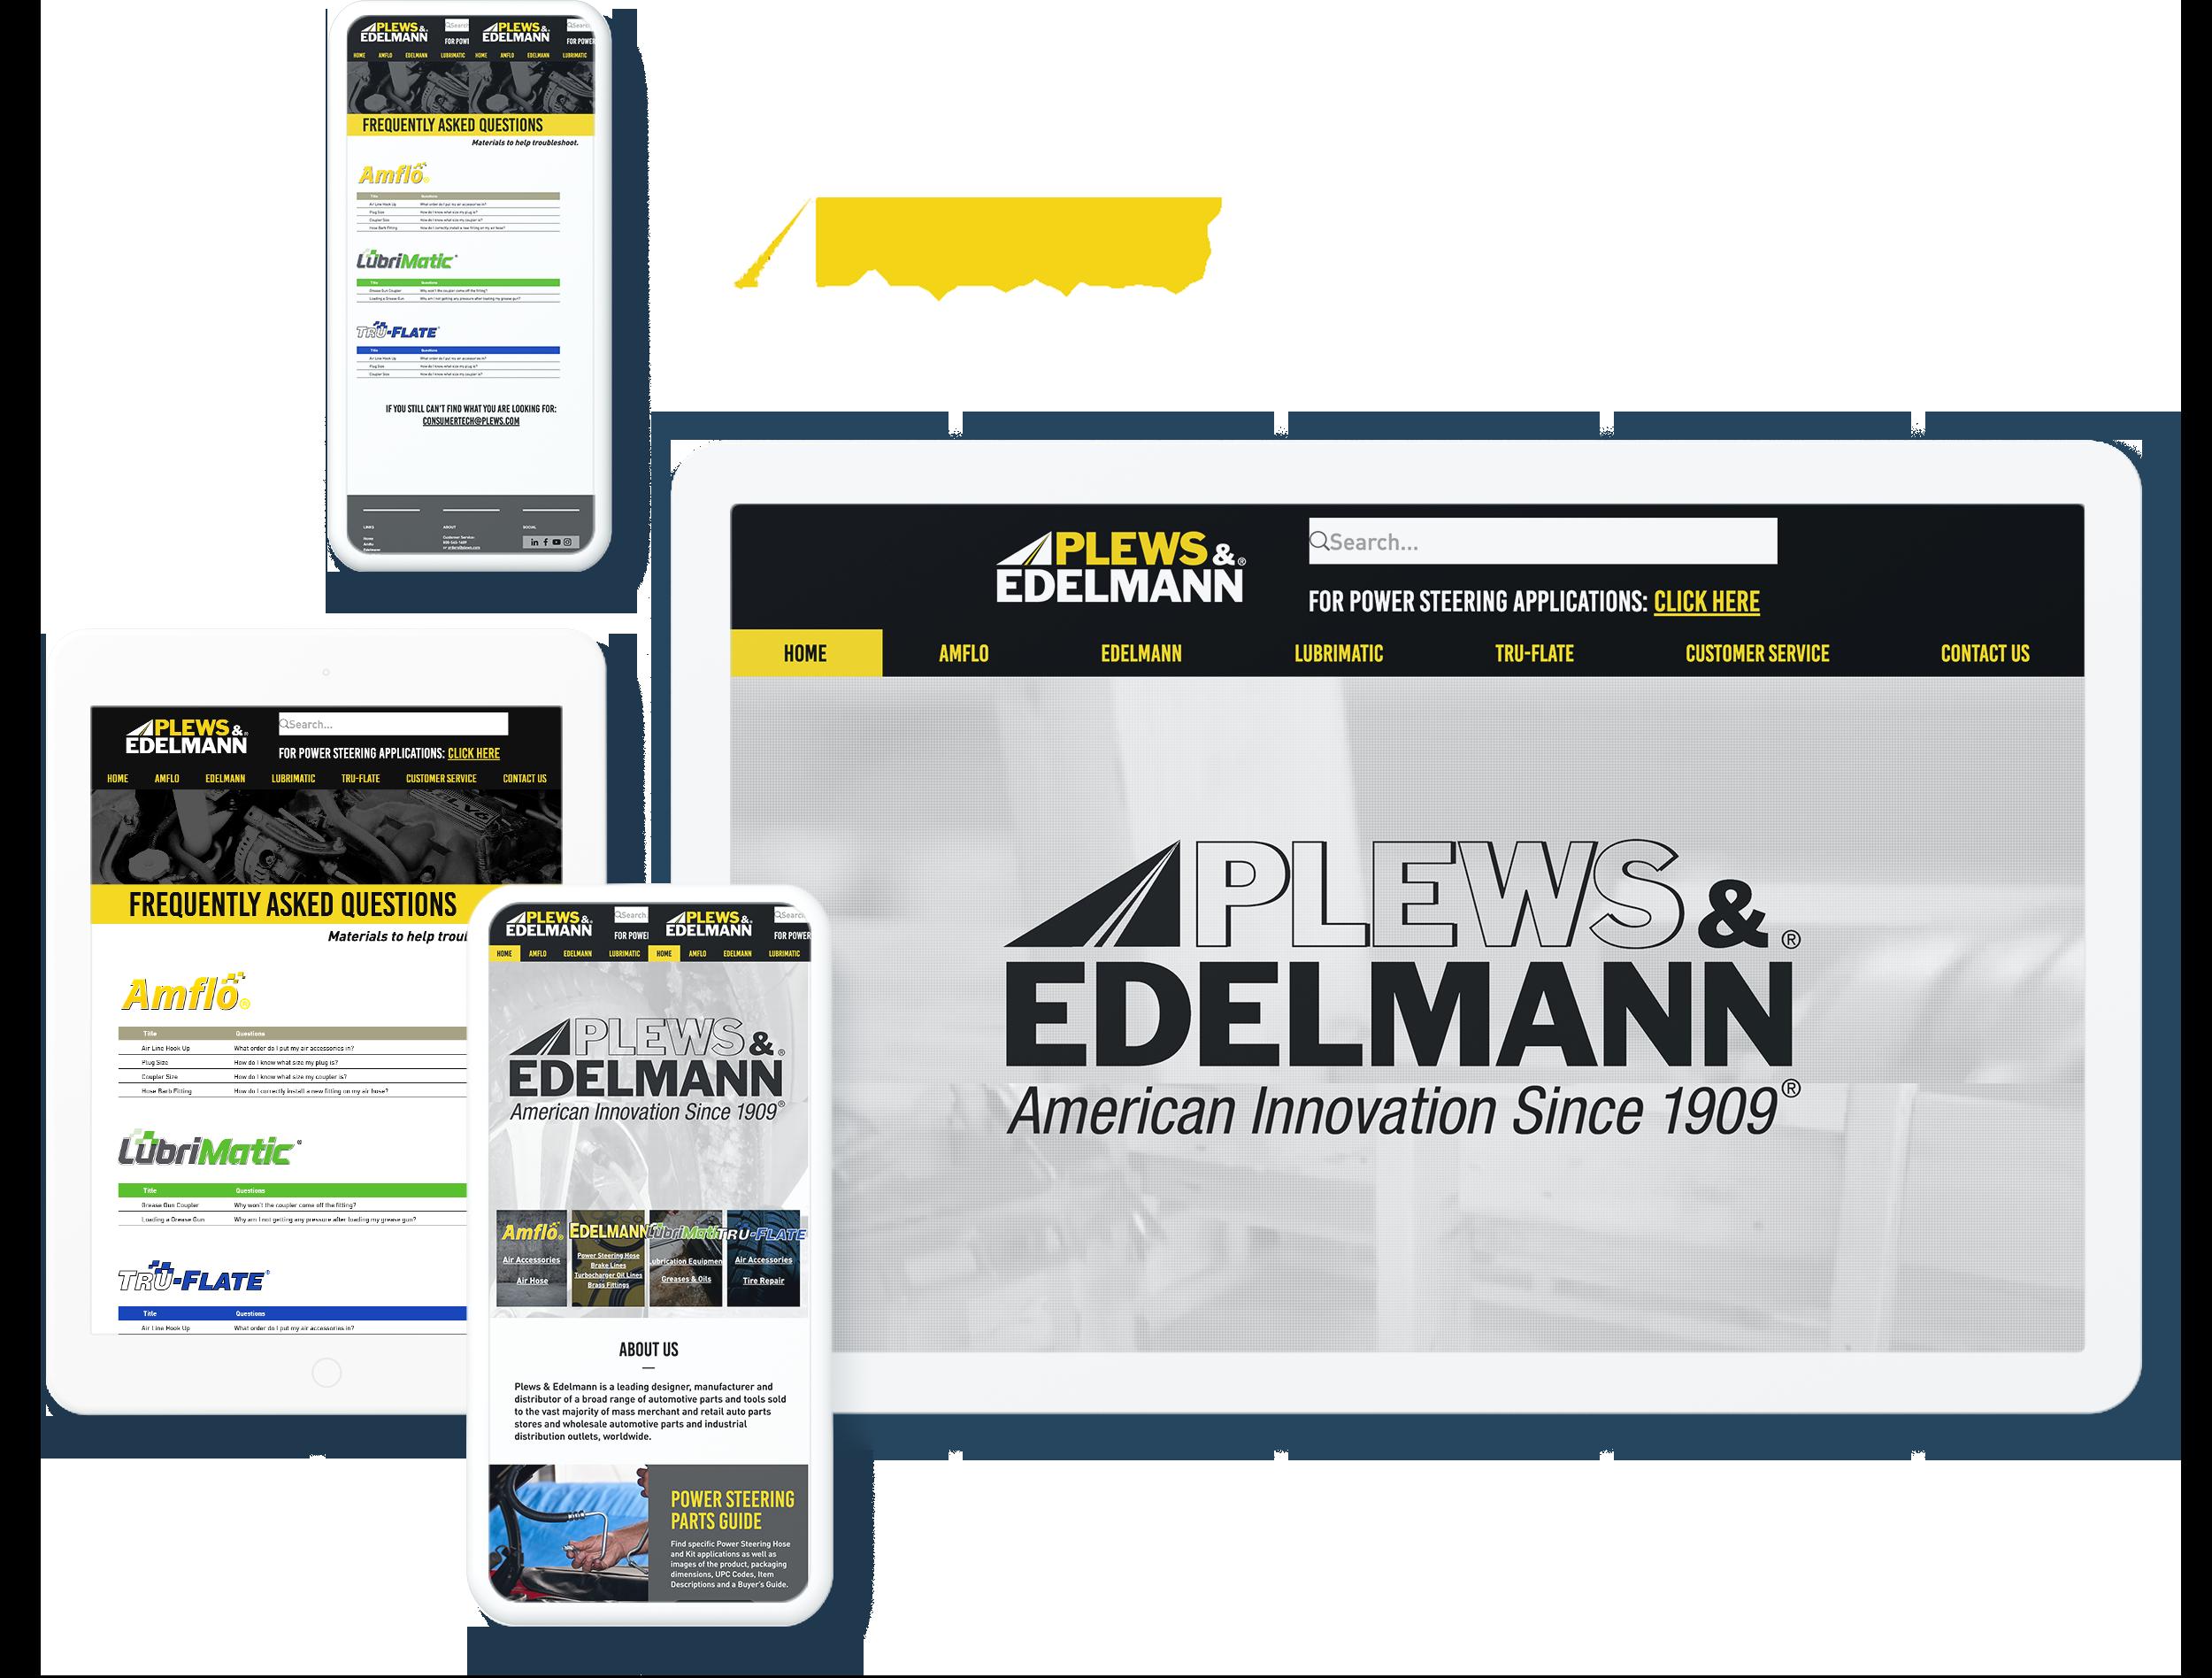 plews&edelmann spotlight